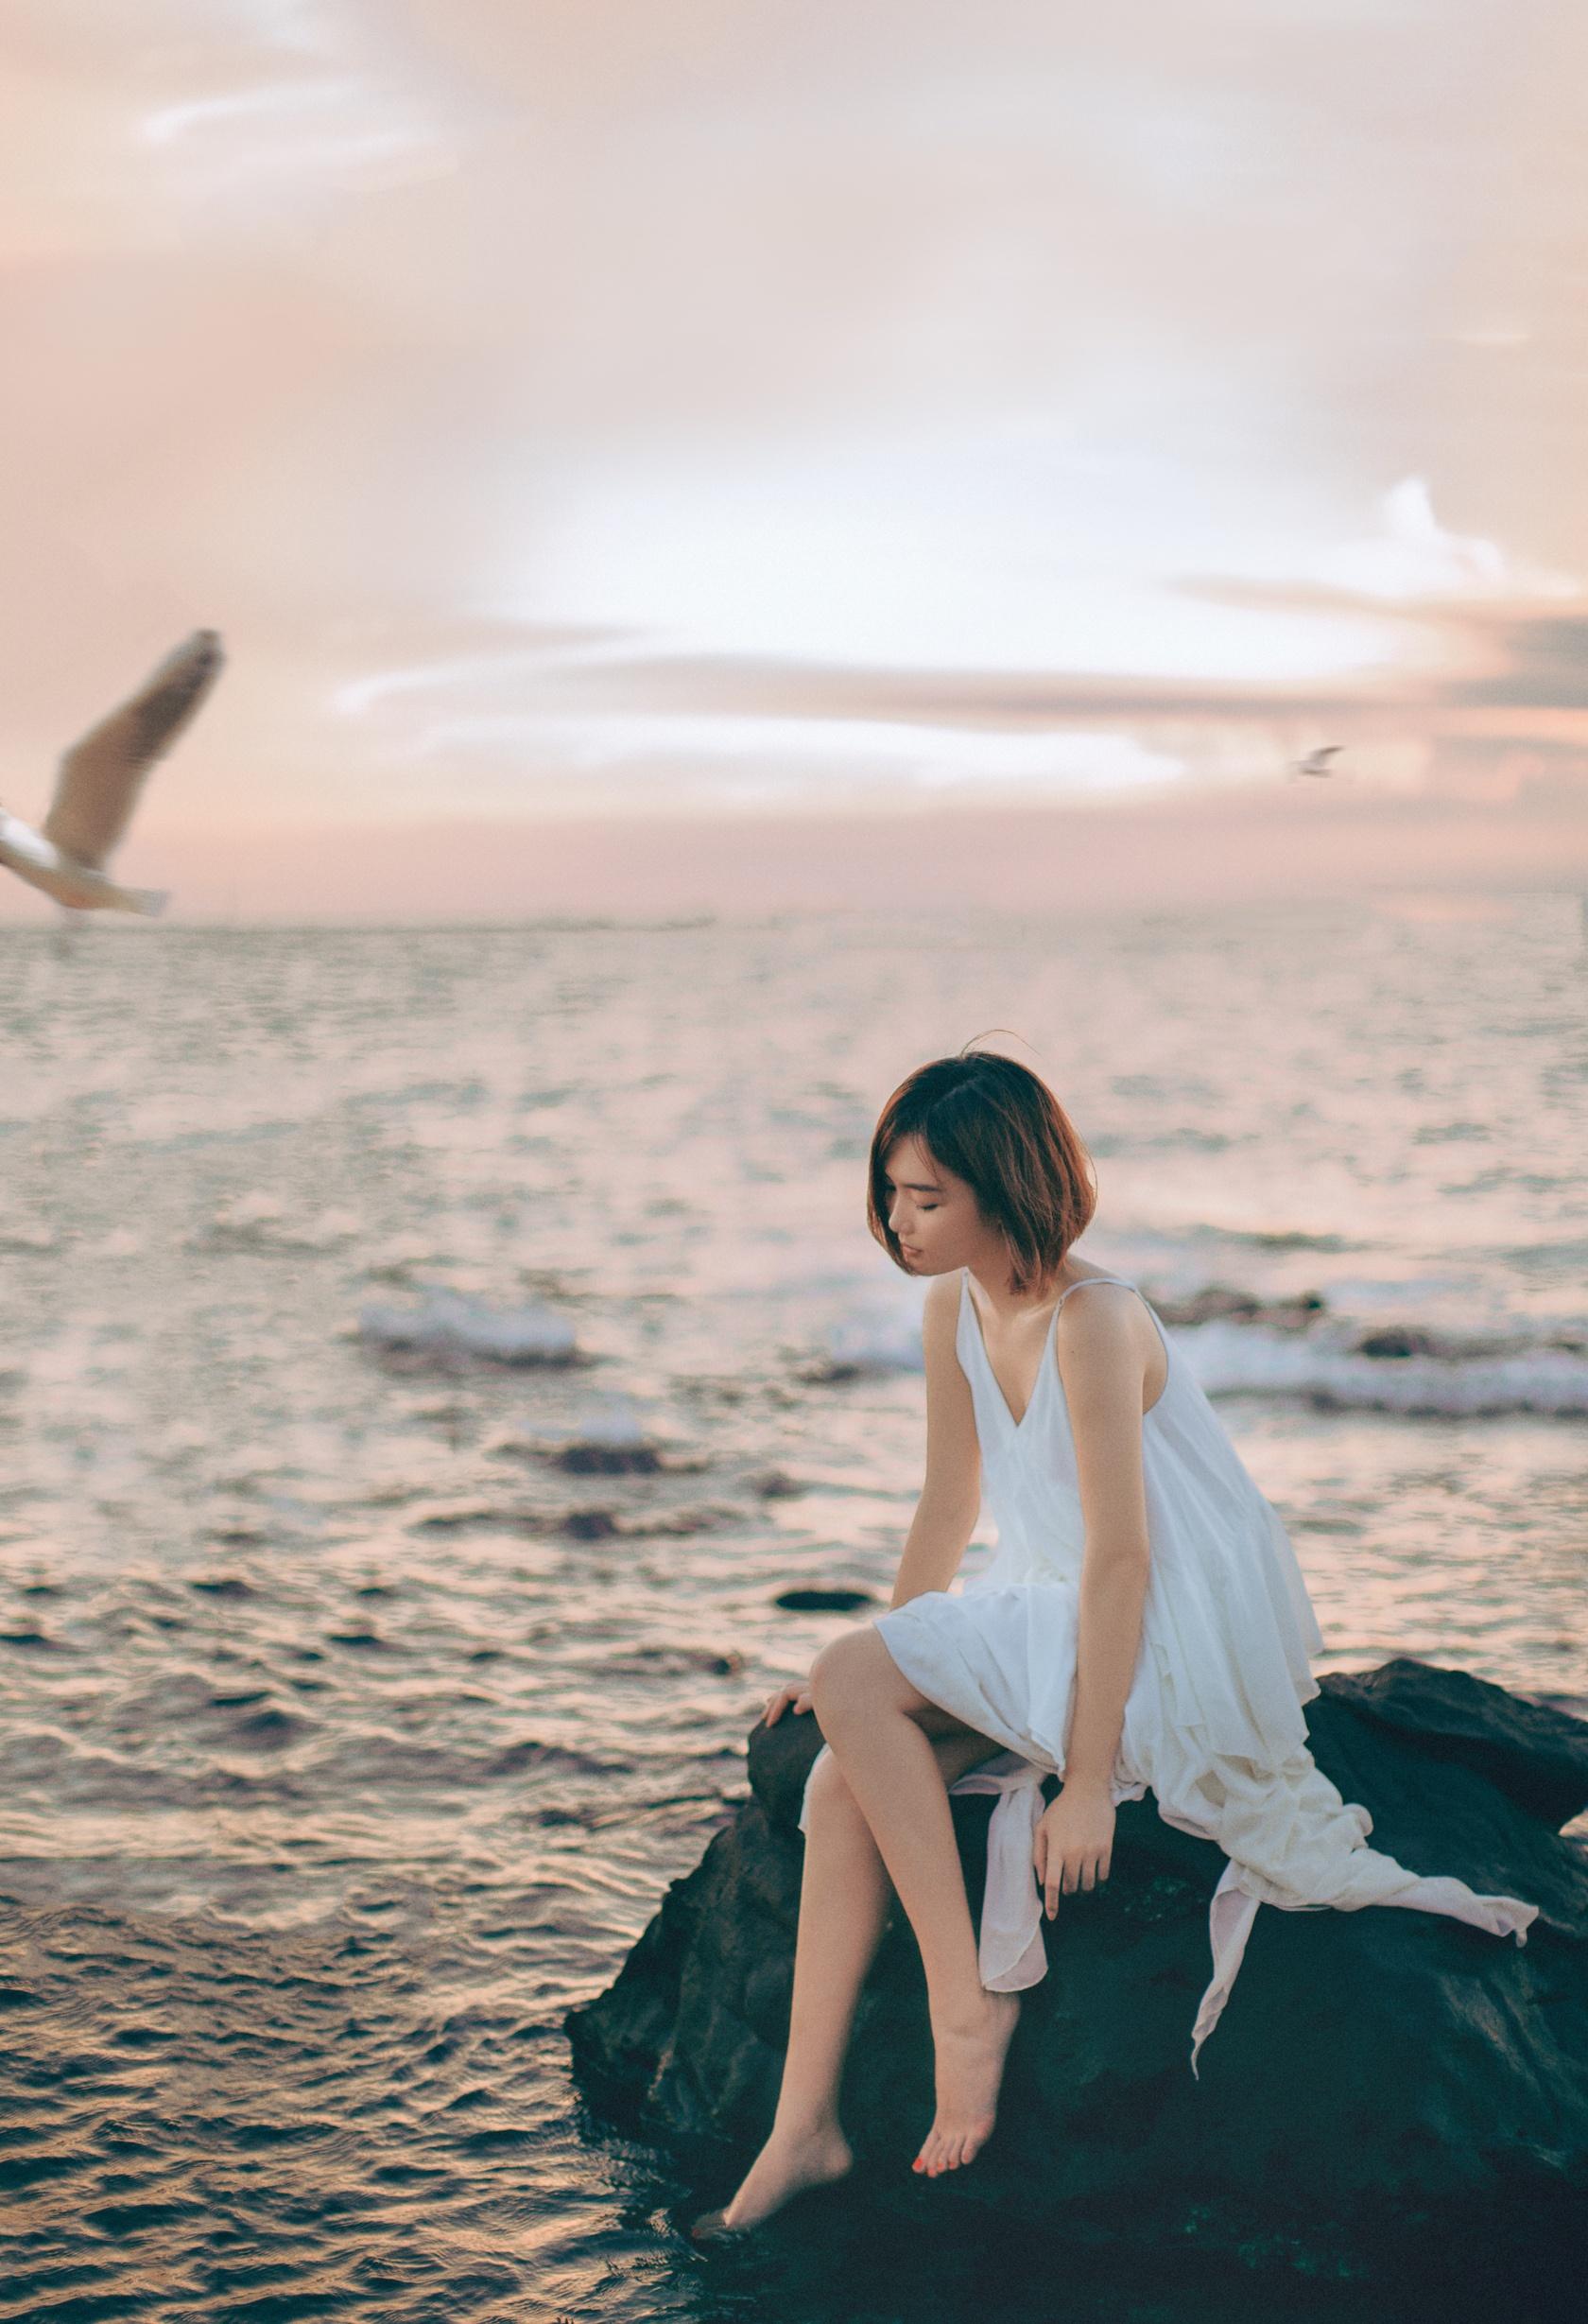 短发美女大连海边唯美写真图片